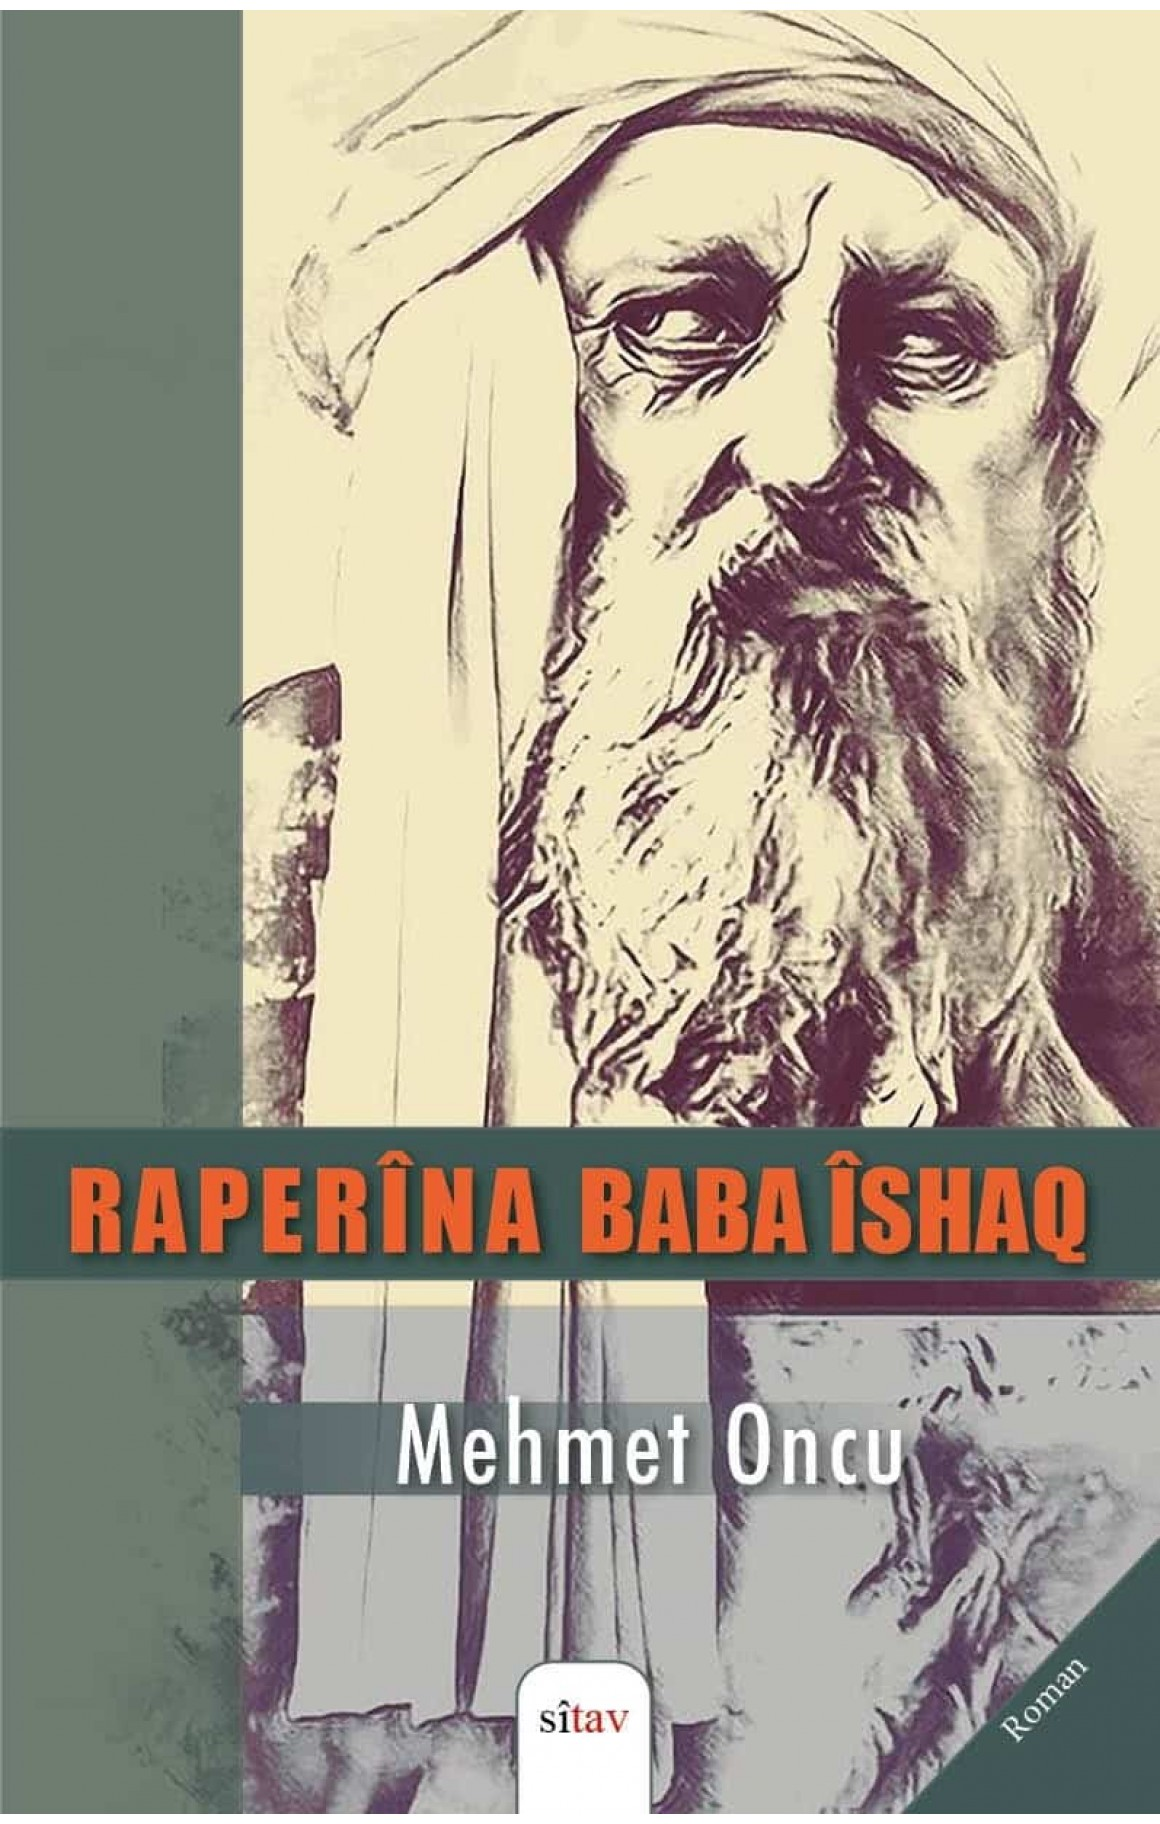 Raperîna Baba Îshaq